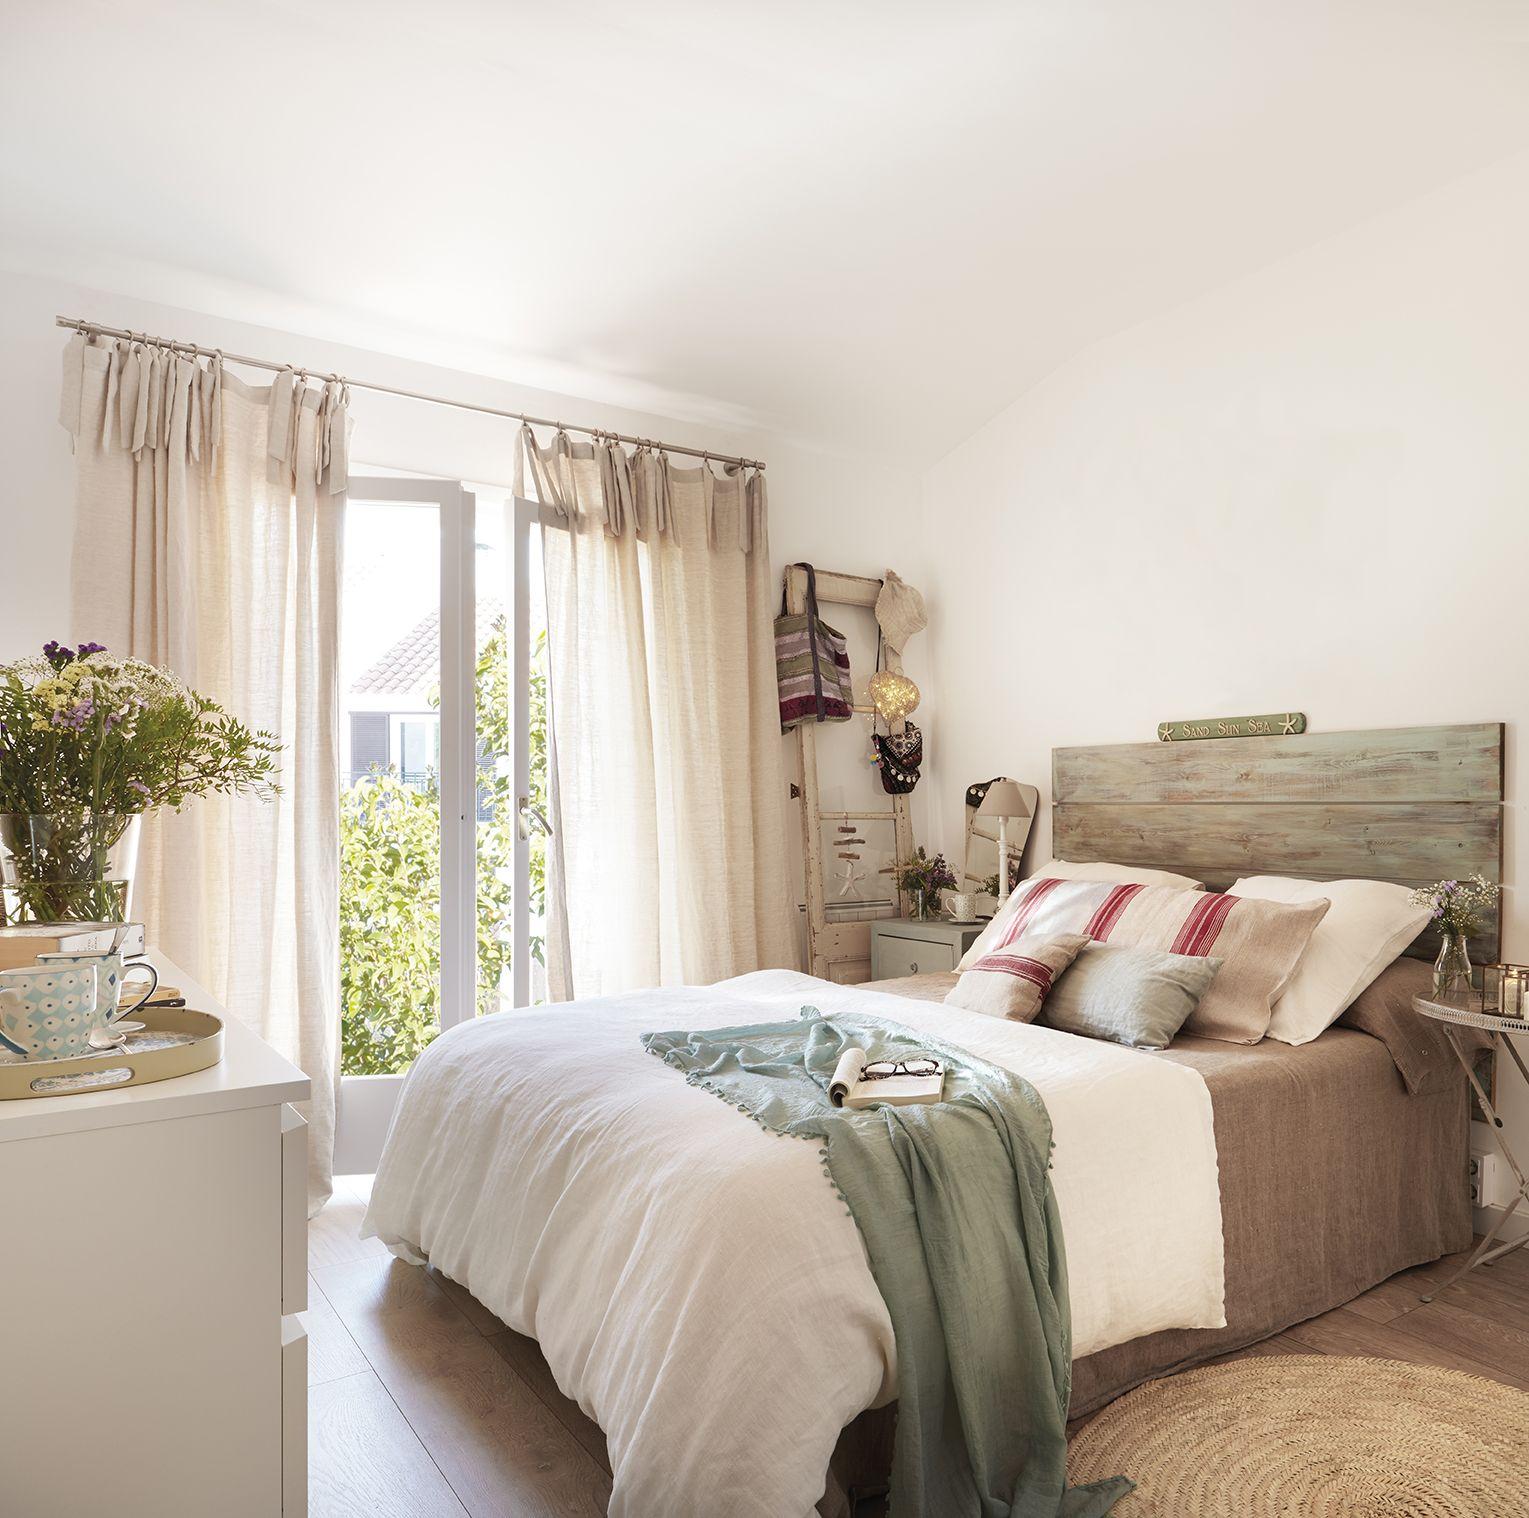 El dormitorio principal: made in Teresa ¡Que espacioso es